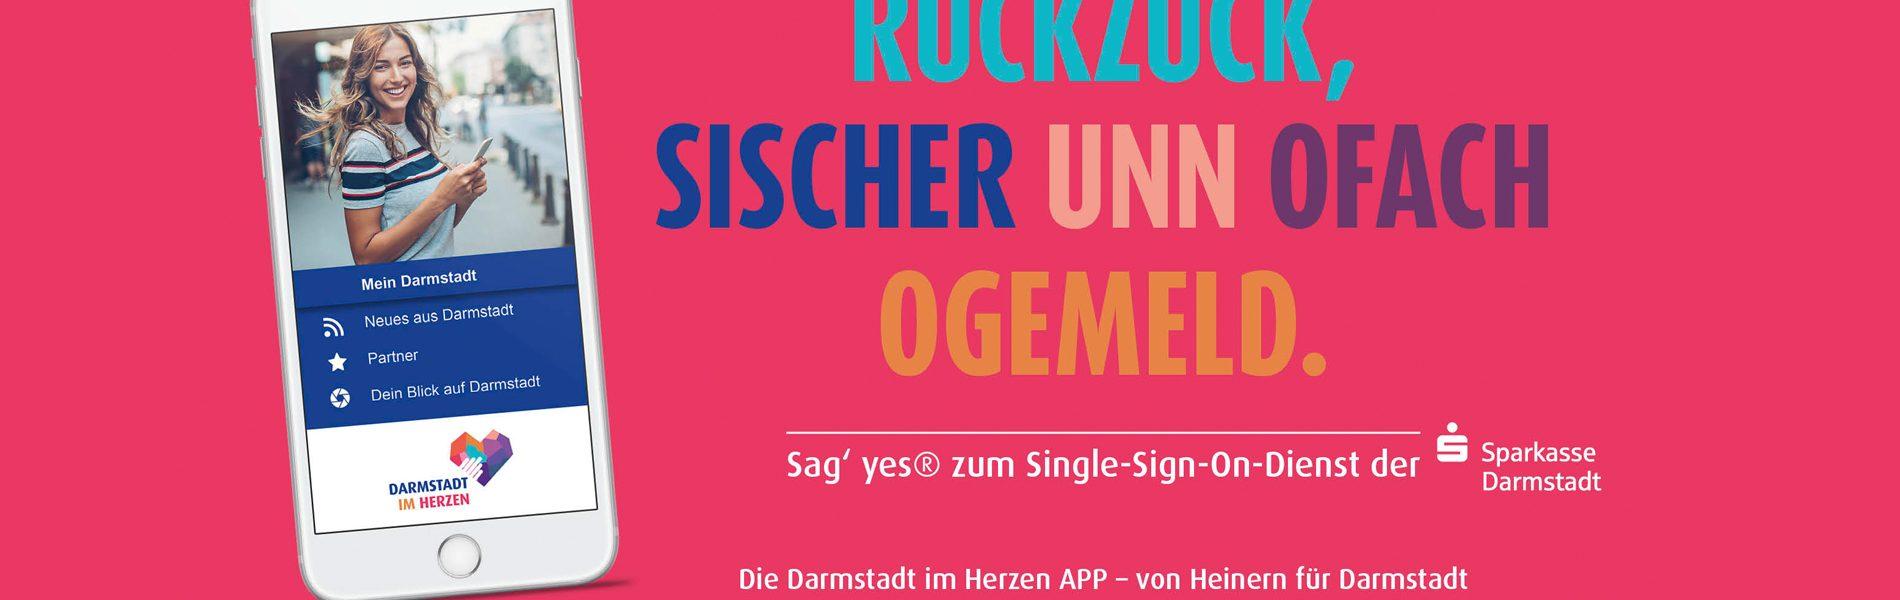 Header Bild Darmstadt im Herzen App